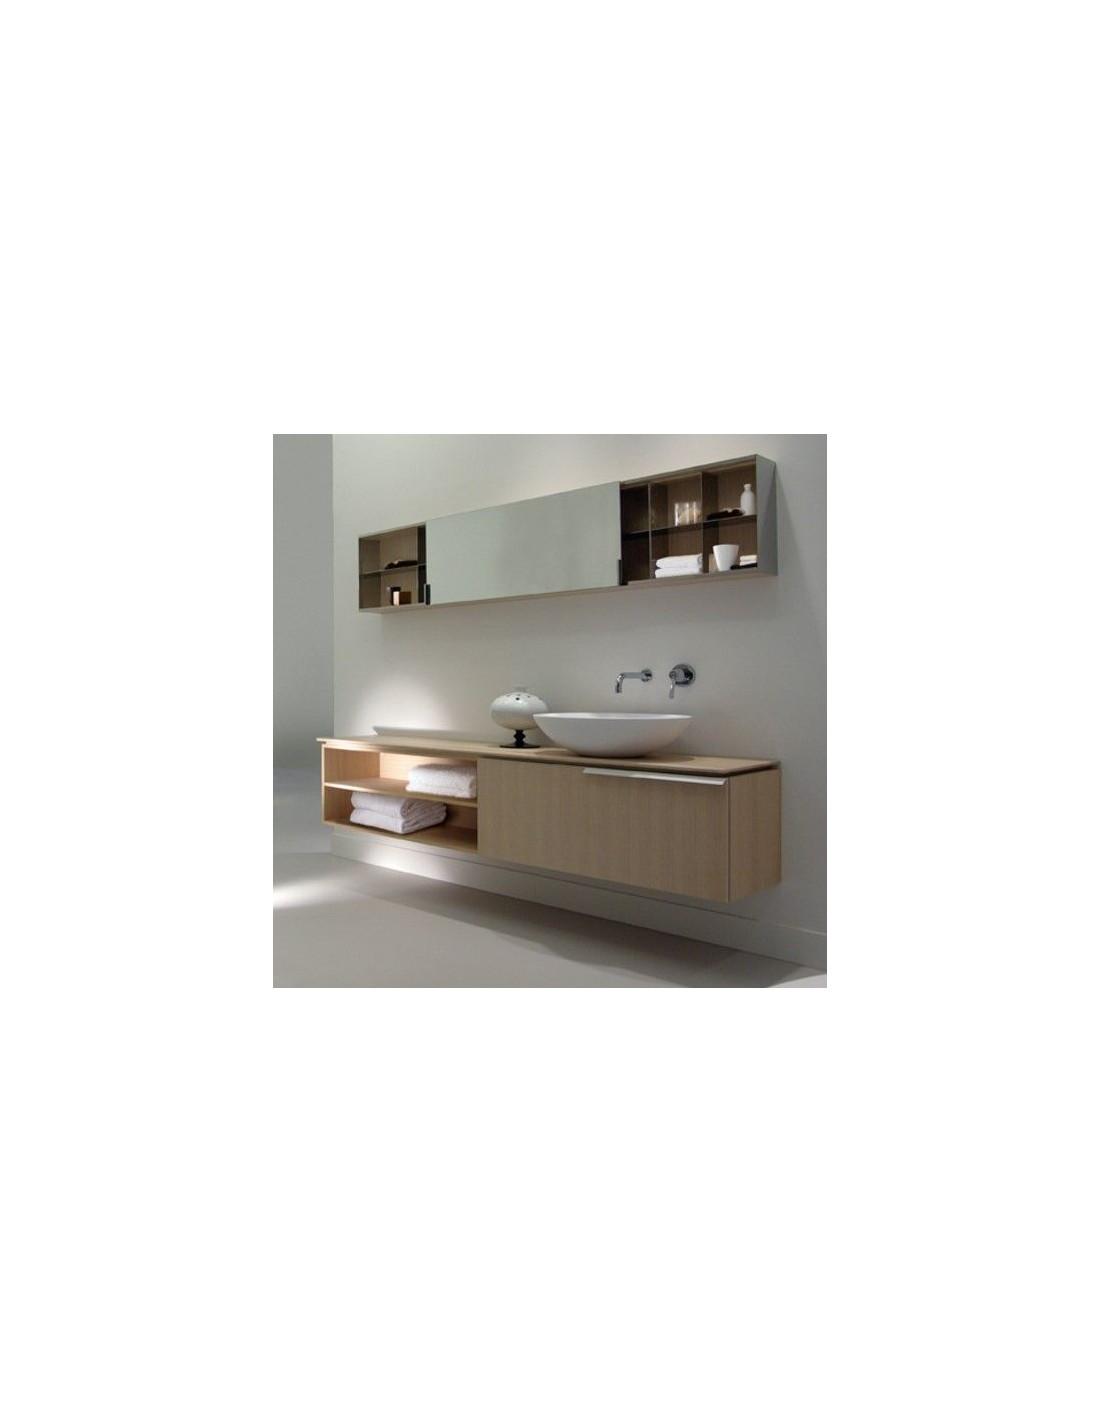 Salle de bain avec la vasque à poser Spoon de la marque Agape - Valente Design